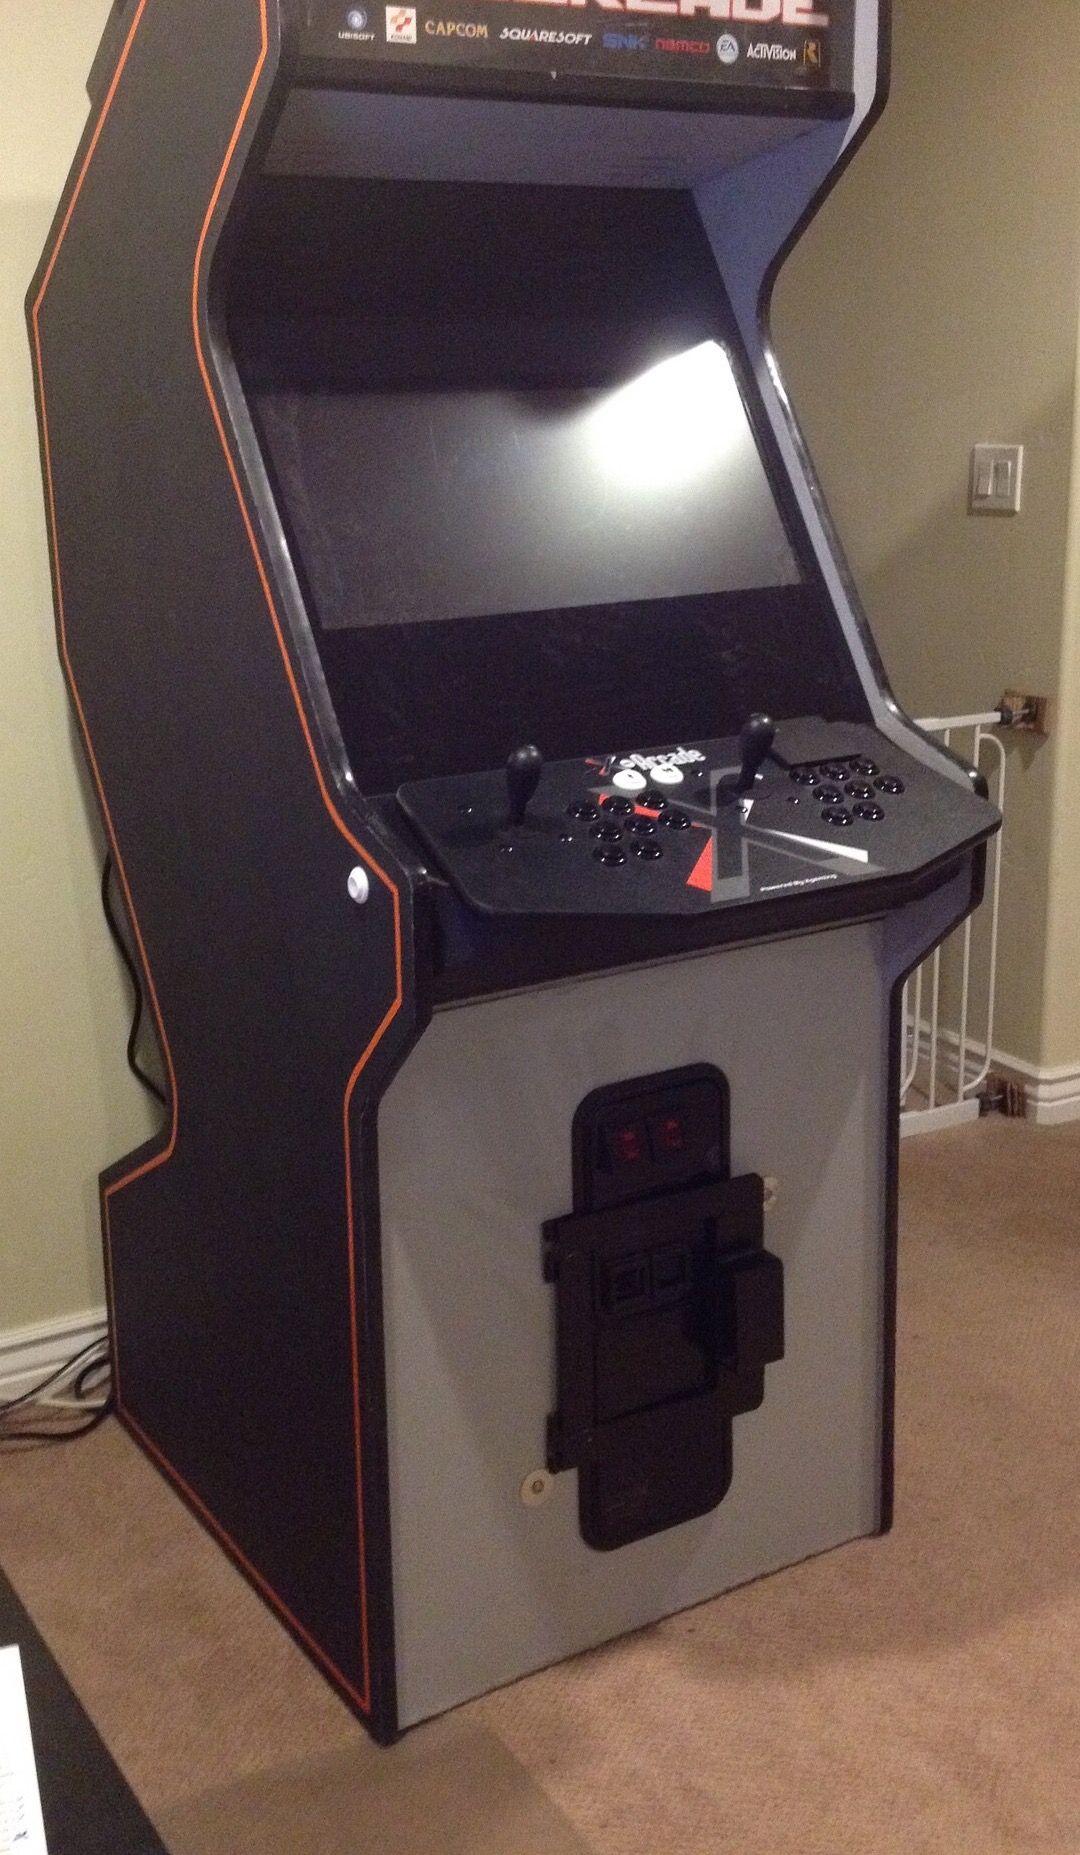 Xgaming Customer Shot: X Arcade Joystick In Action: #xarcade #xgaming